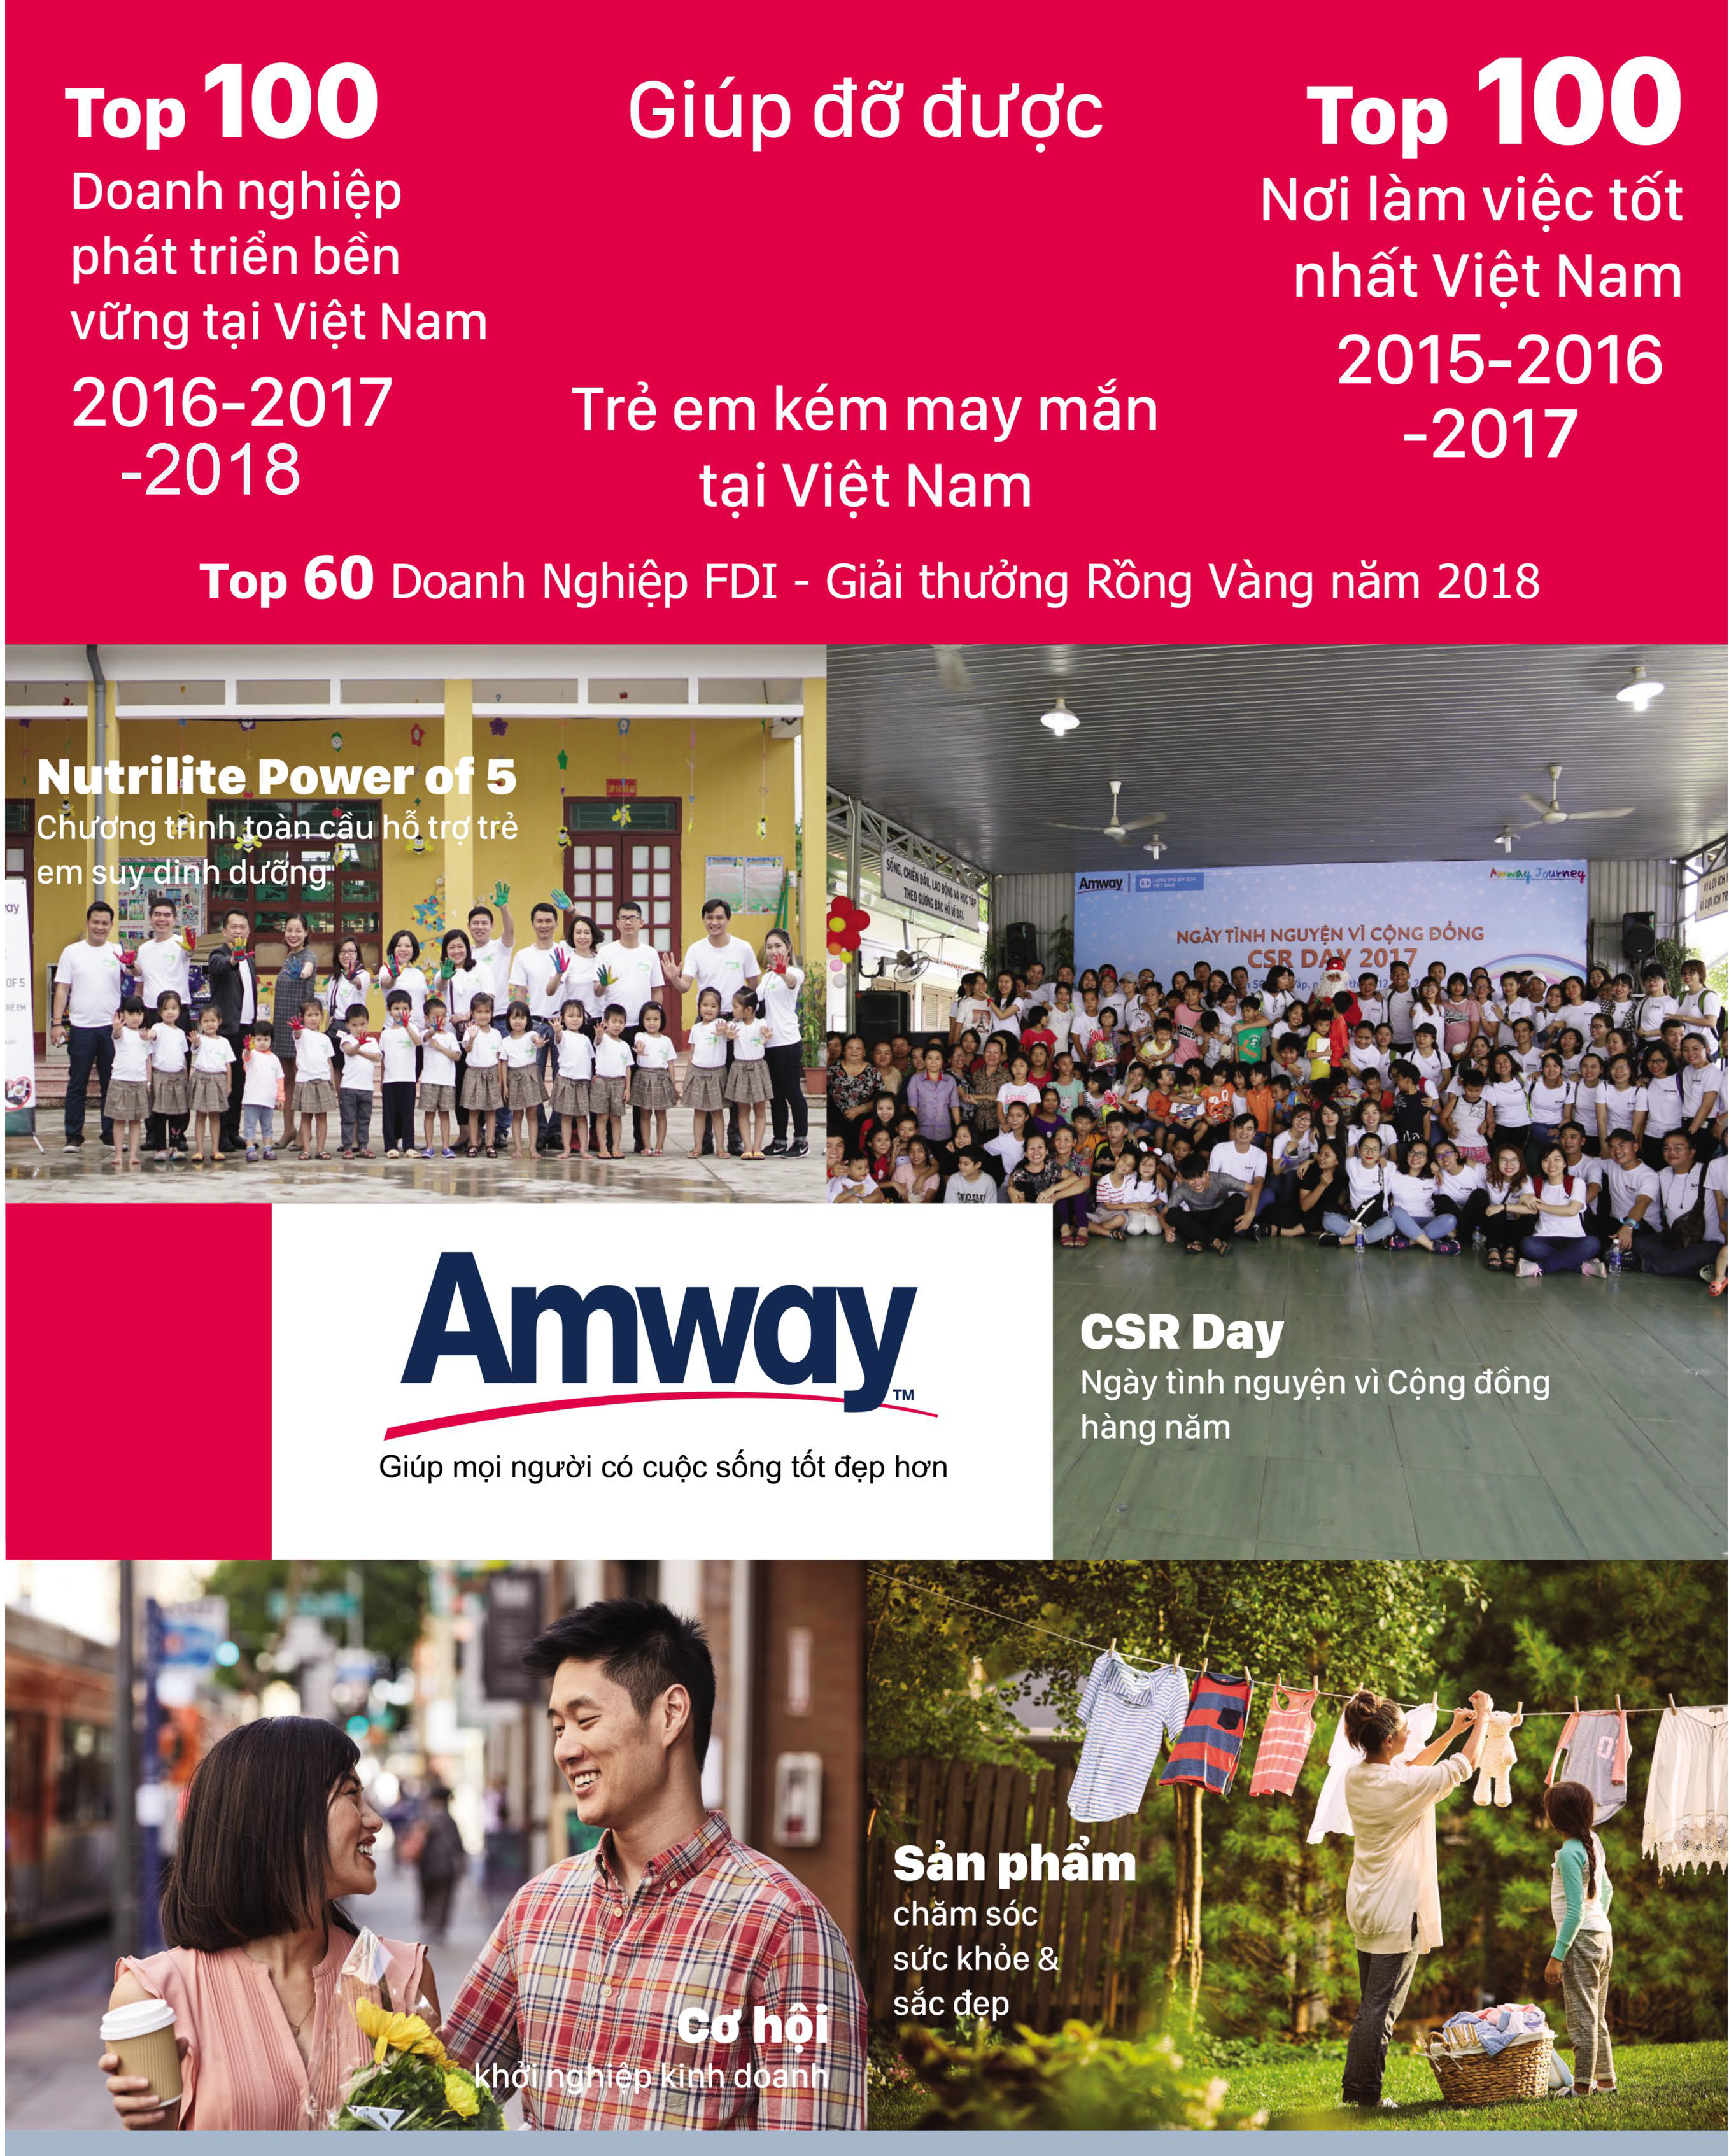 Amway: Nối tiếp hành trình yêu thương - Ảnh 1